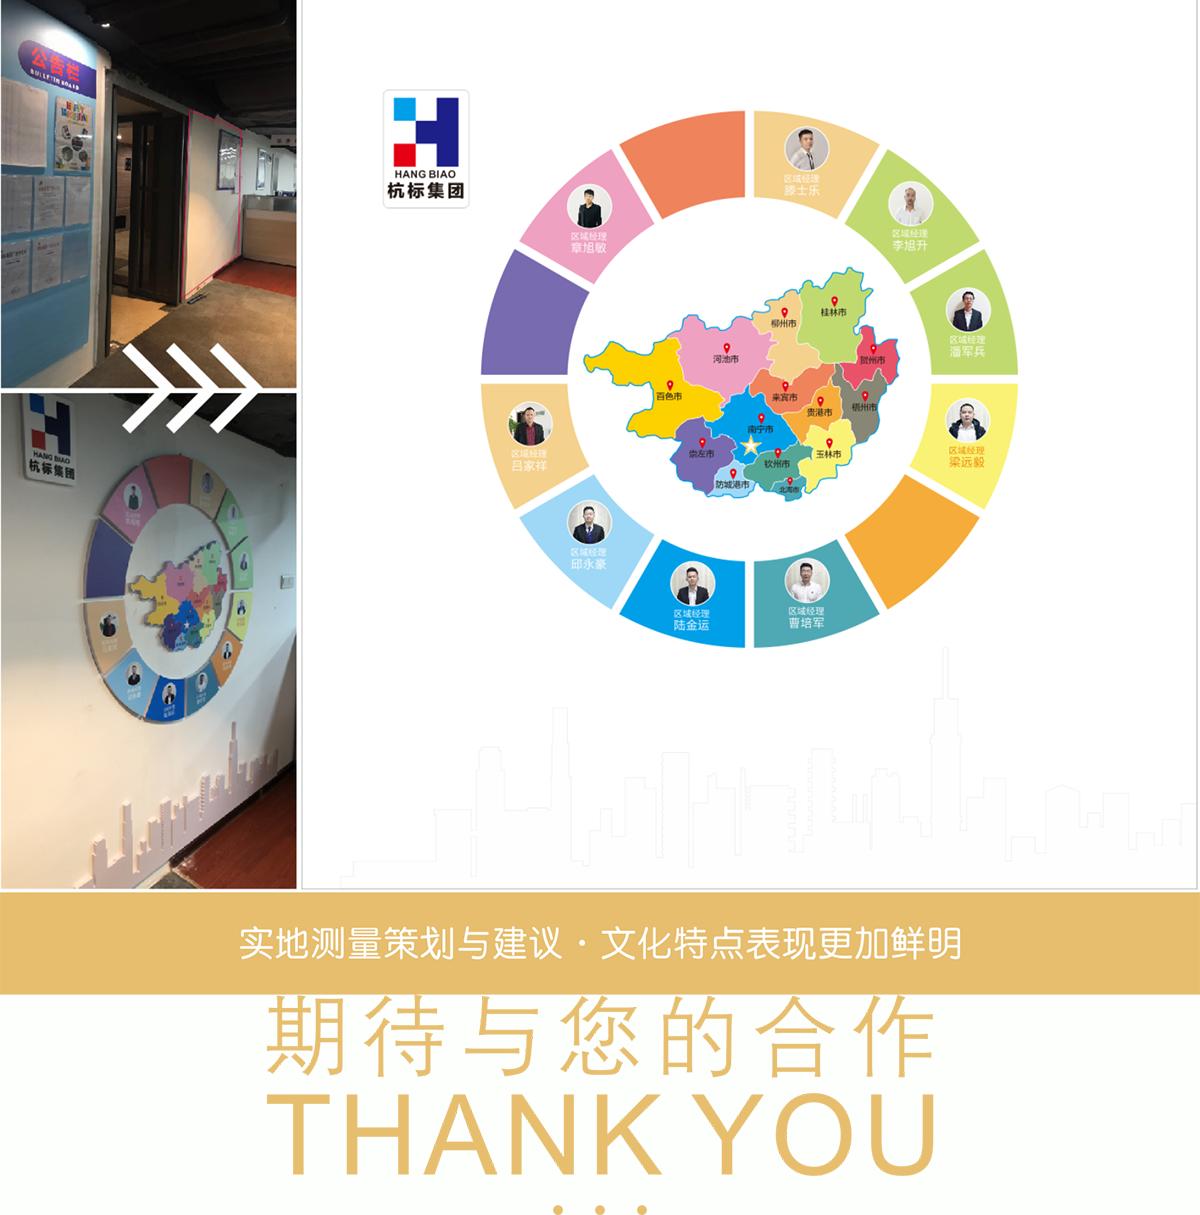 草菇app杭标企业文化墙设计制作_03.png